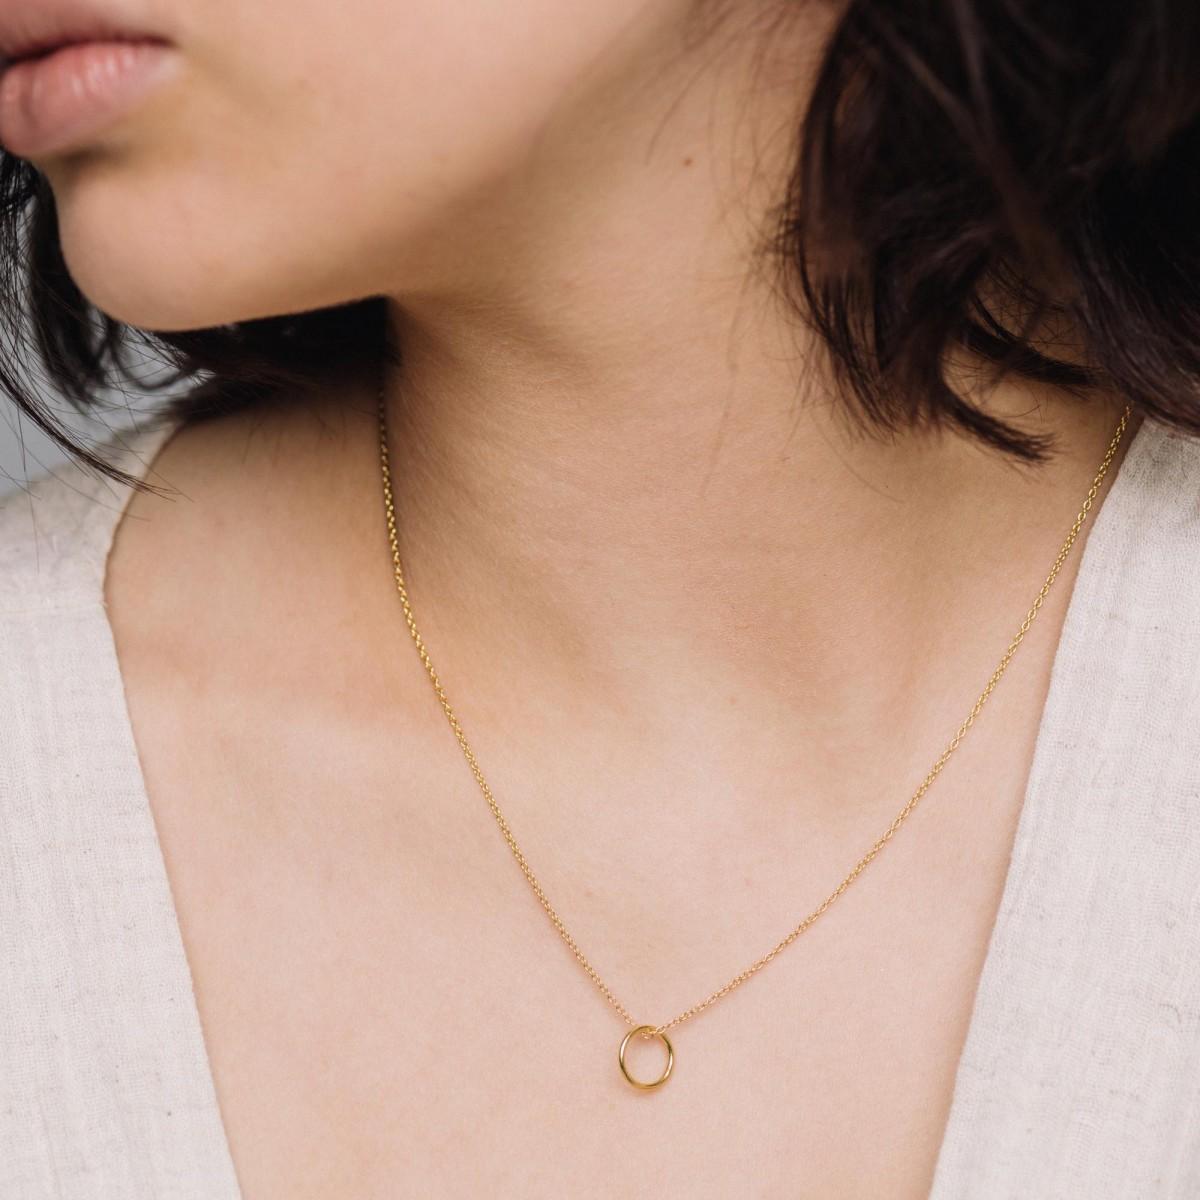 fejn jewelry - Kette 'medium circle'